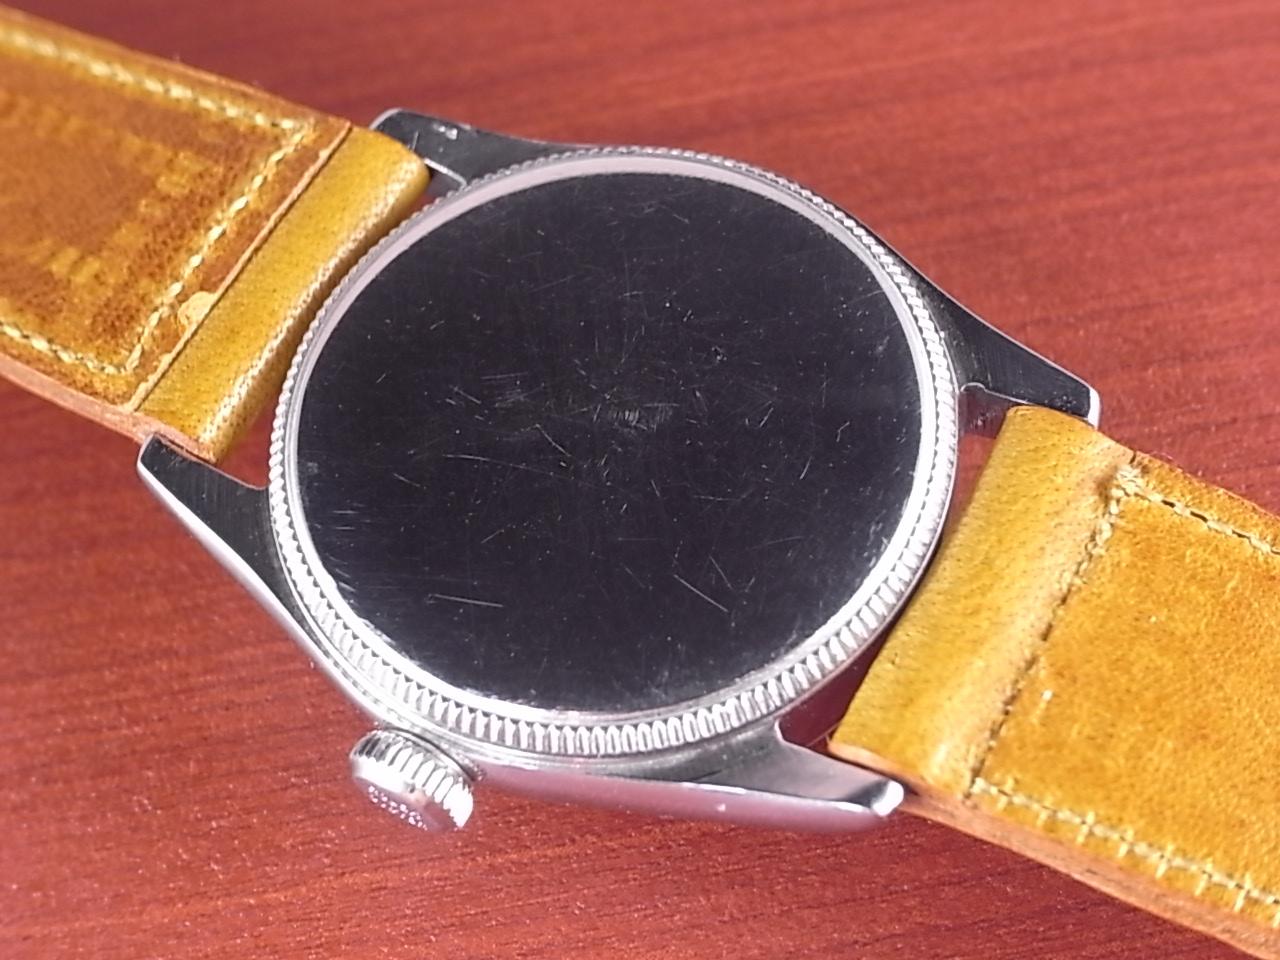 ロレックス スピードキング ローマンインデックス Ref.4220 1940年代の写真4枚目